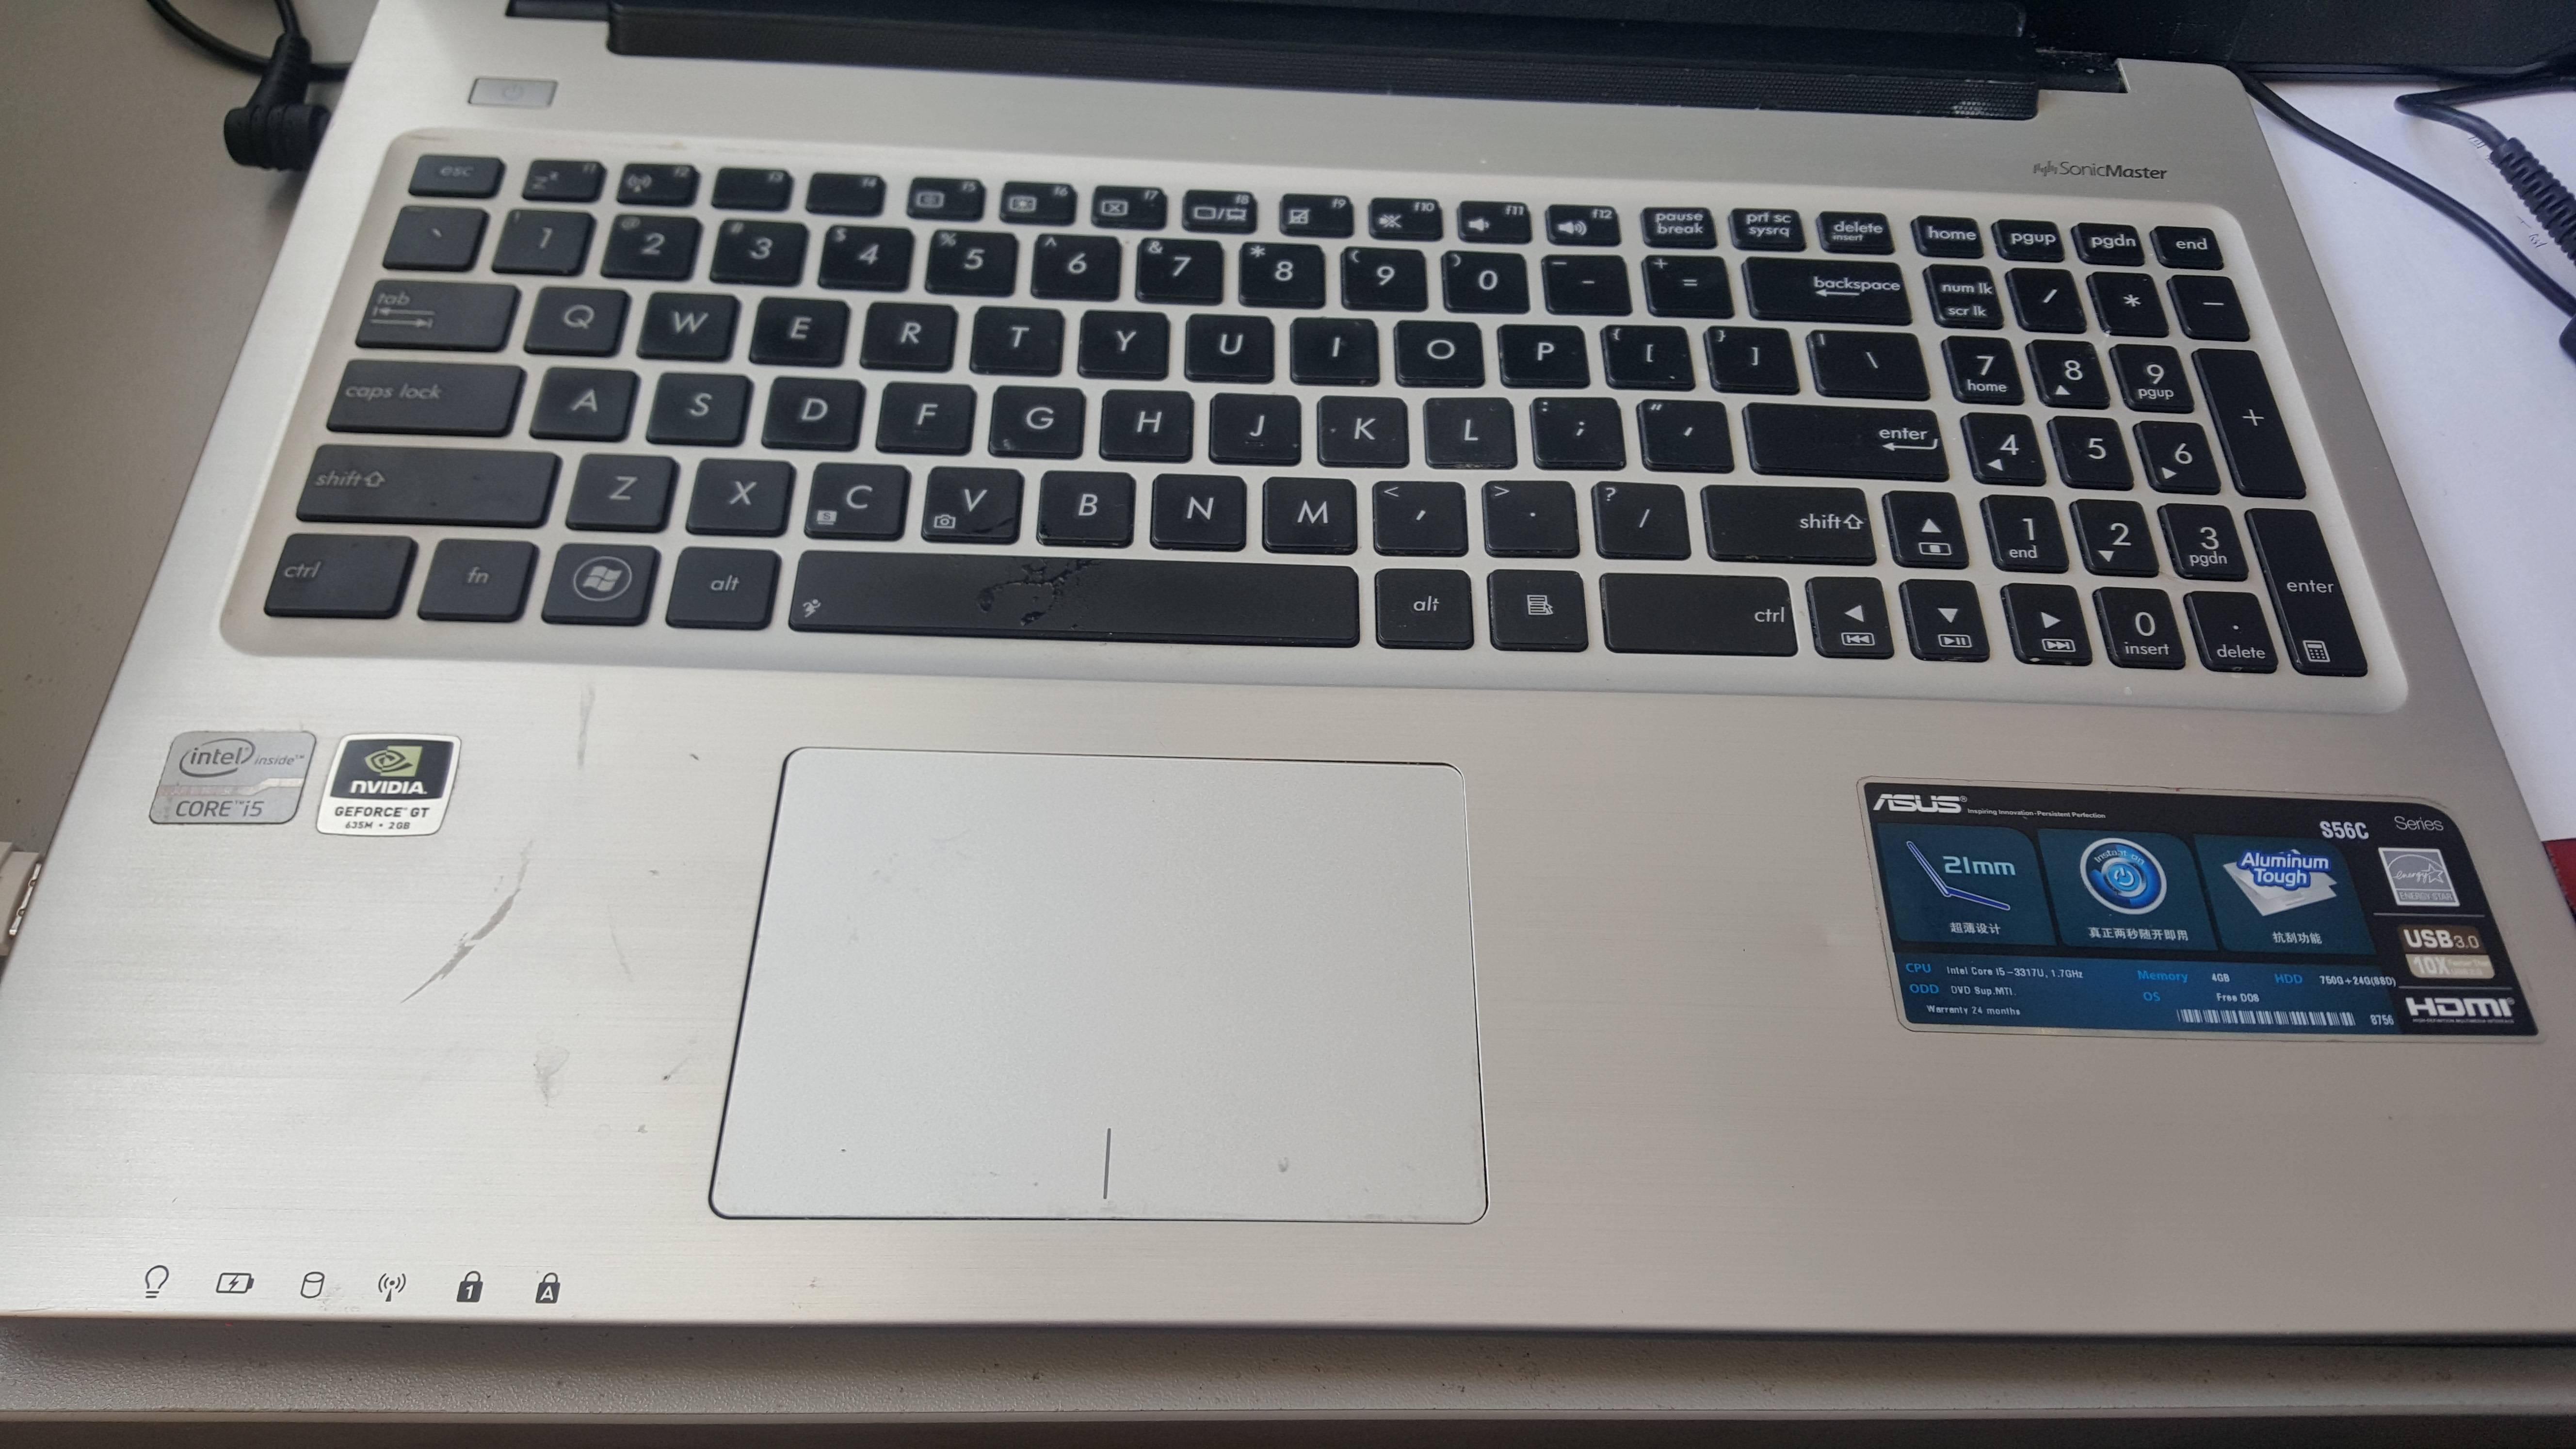 我的华硕笔记本锁定 解锁触摸屏的快捷键没反映